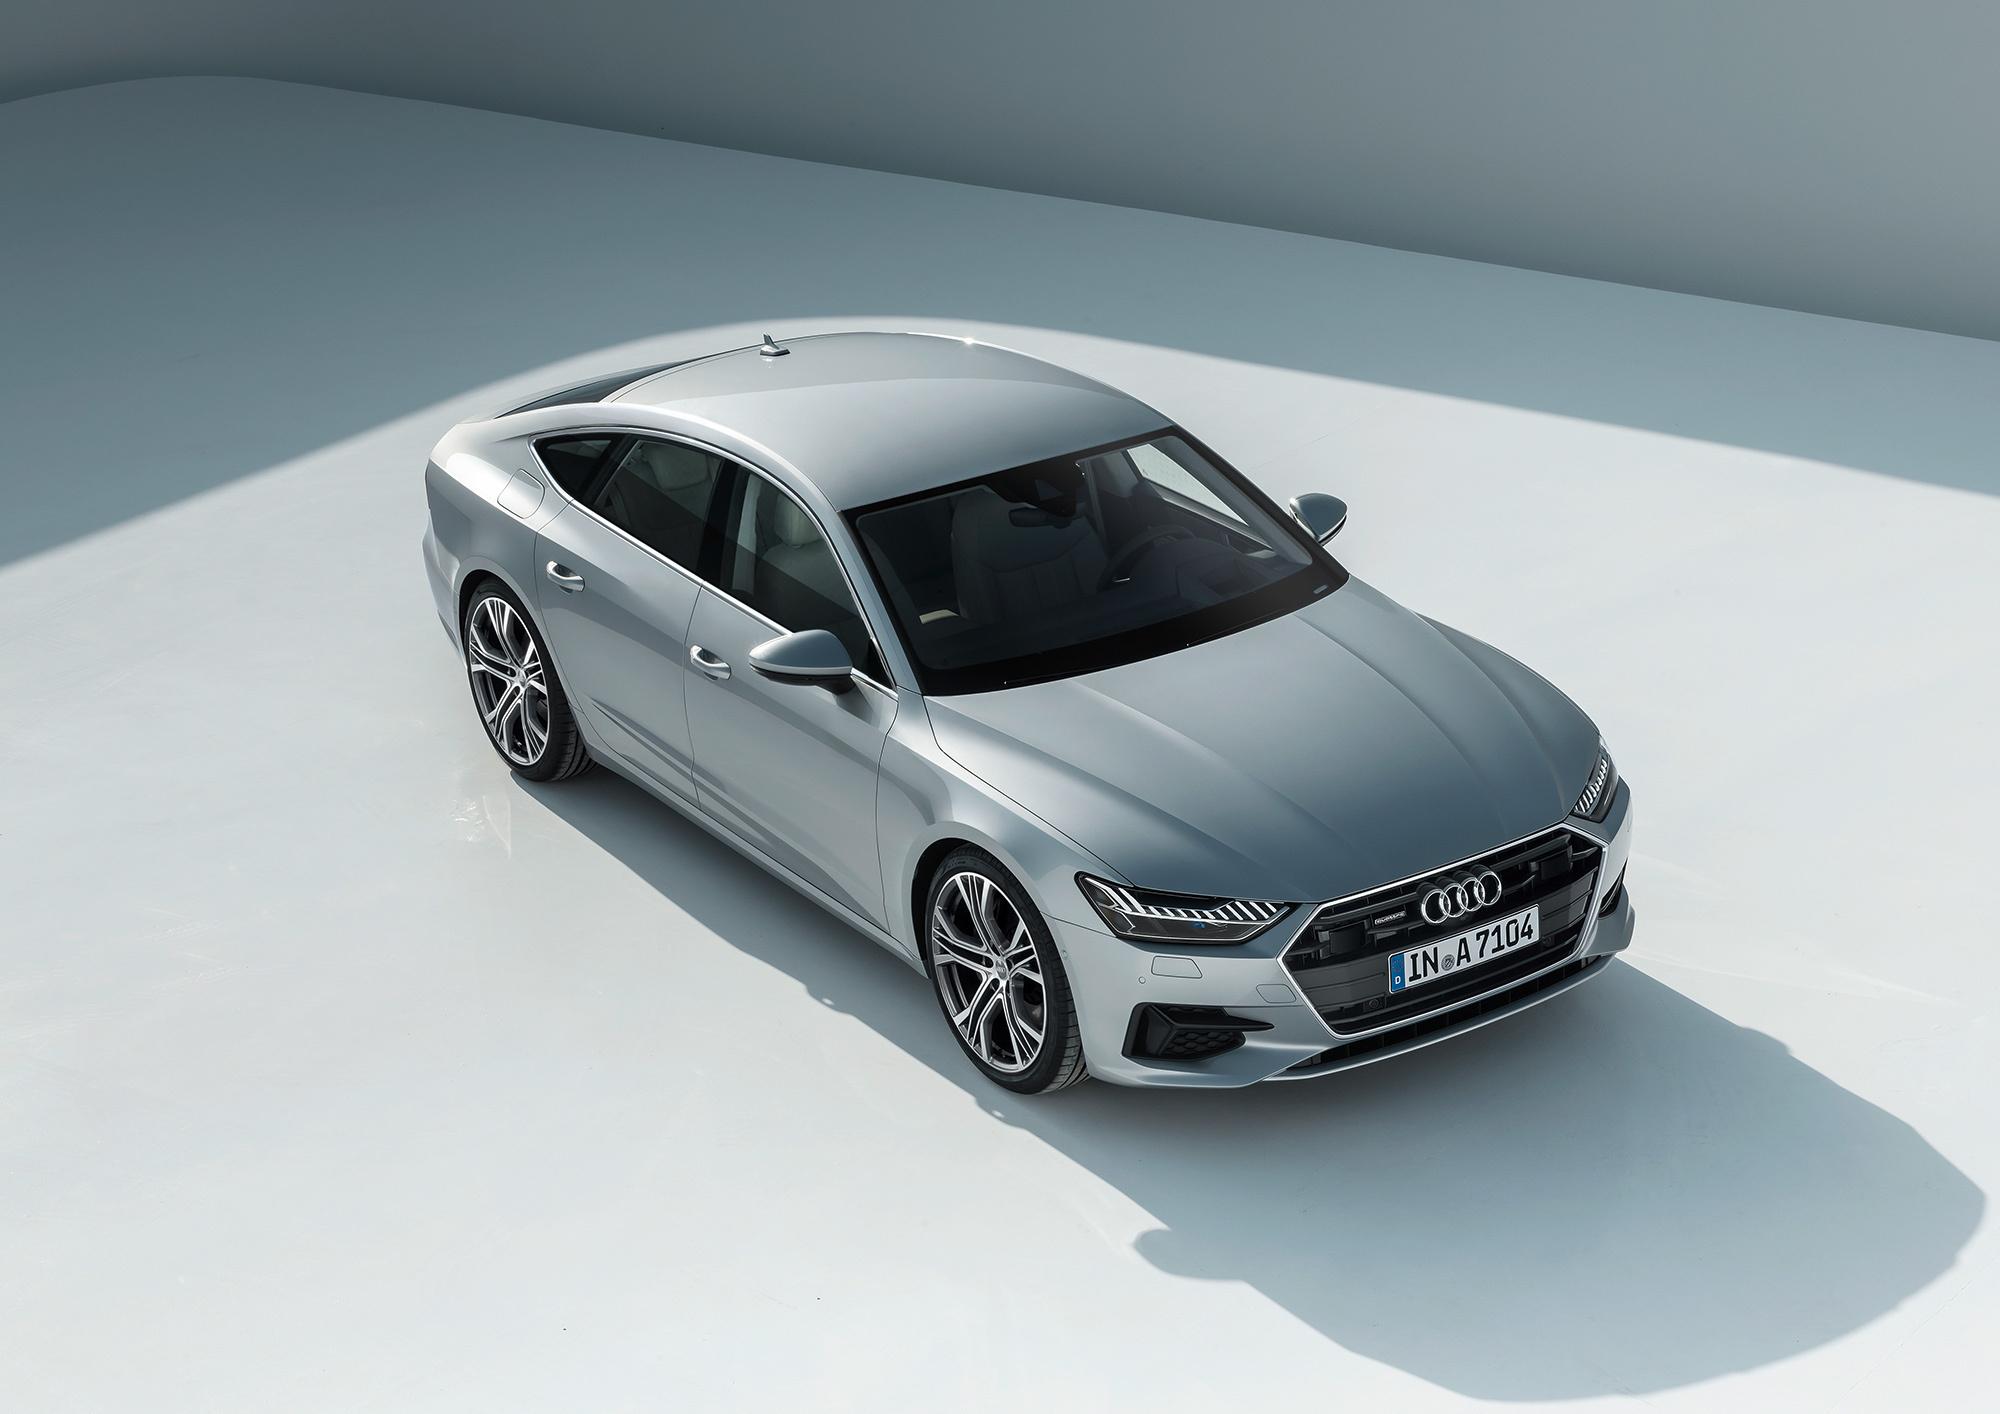 Audi A7 Sportback Background